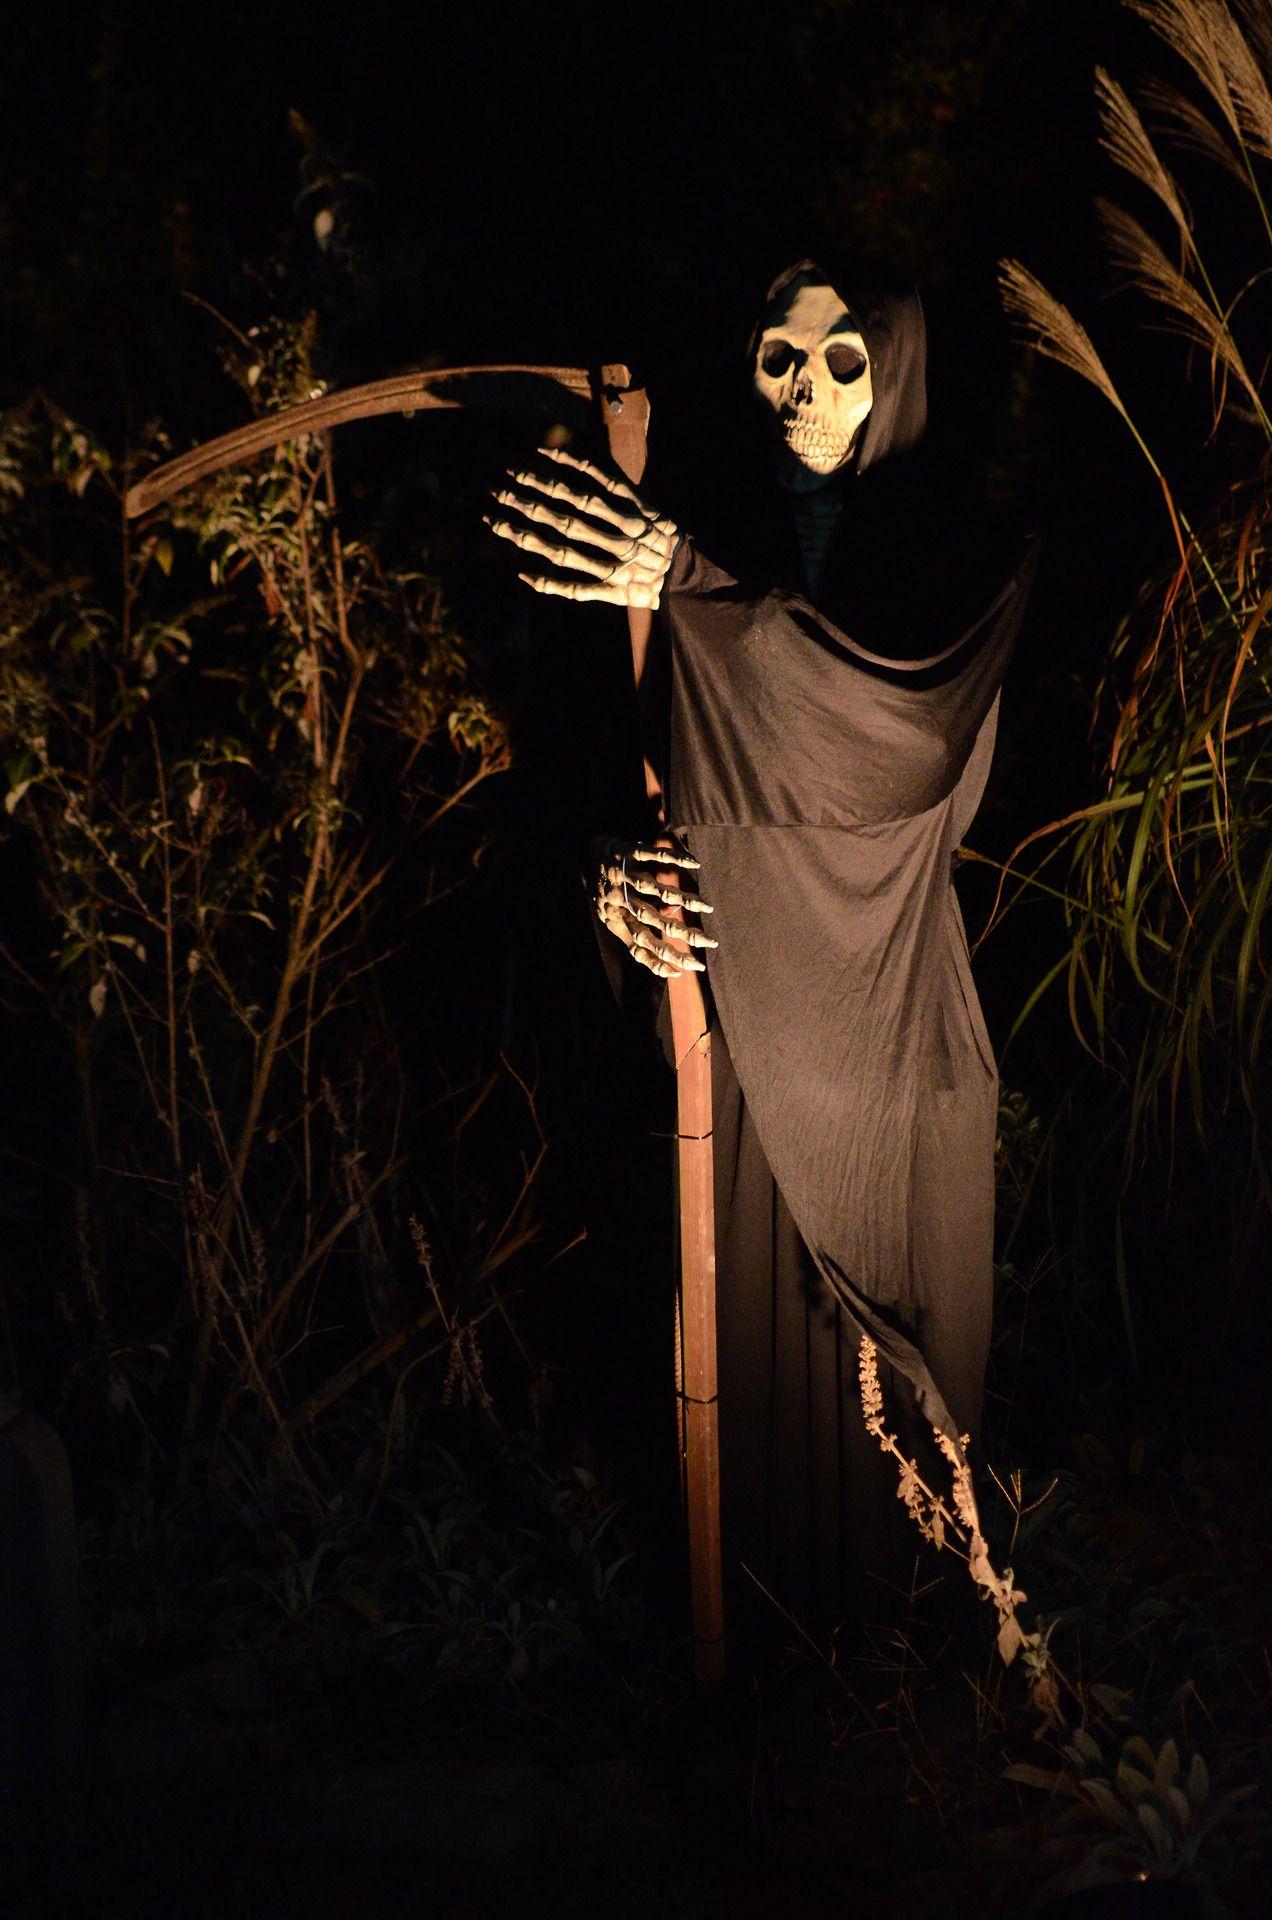 Grim reaper by the front door Halloween Prop Pinterest Grim - front yard halloween decorations